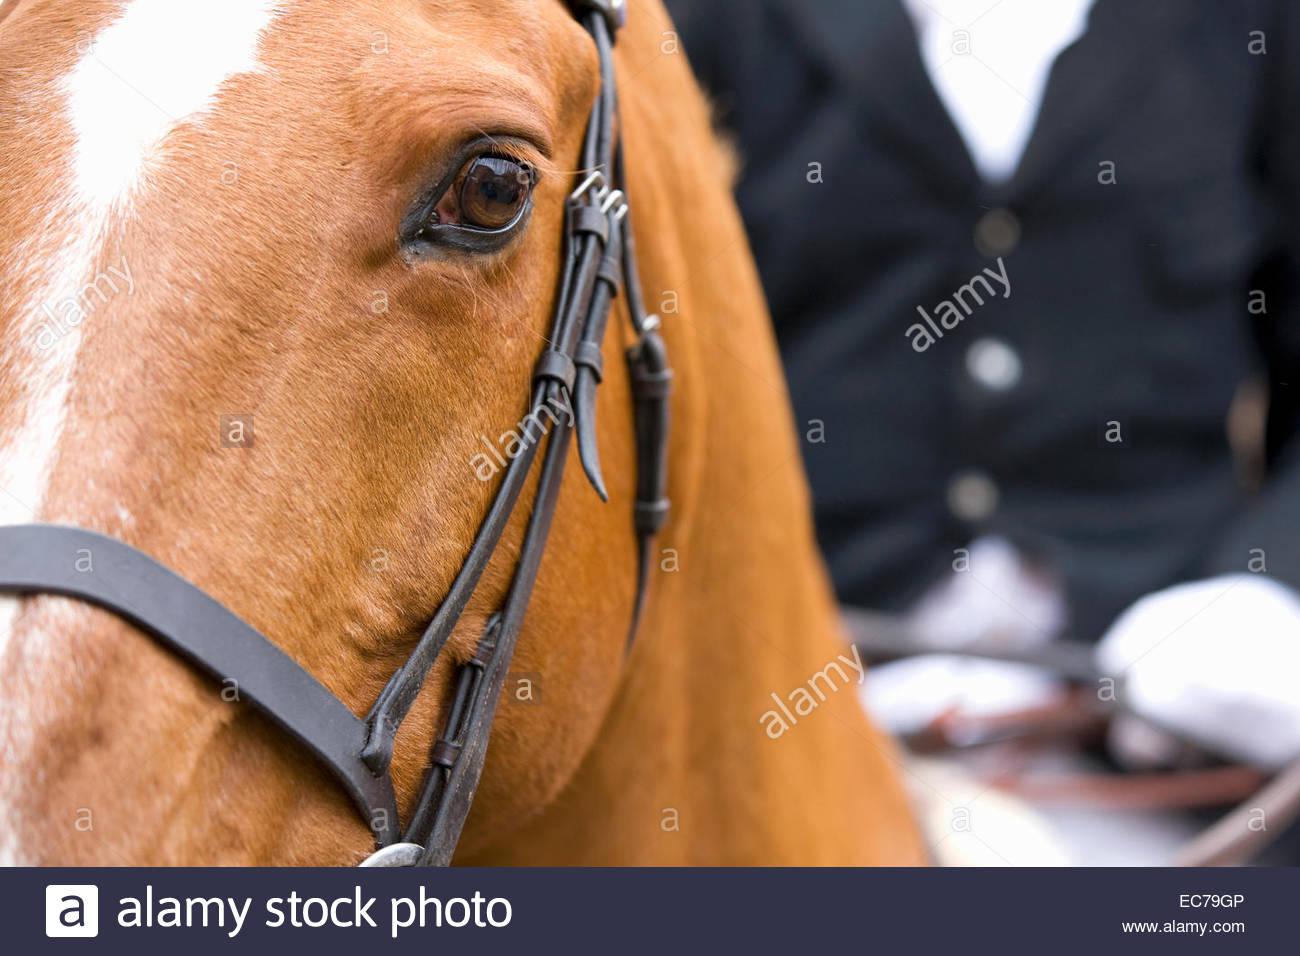 Cerca de la cabeza de un caballo con jinete en segundo plano. Imagen De Stock